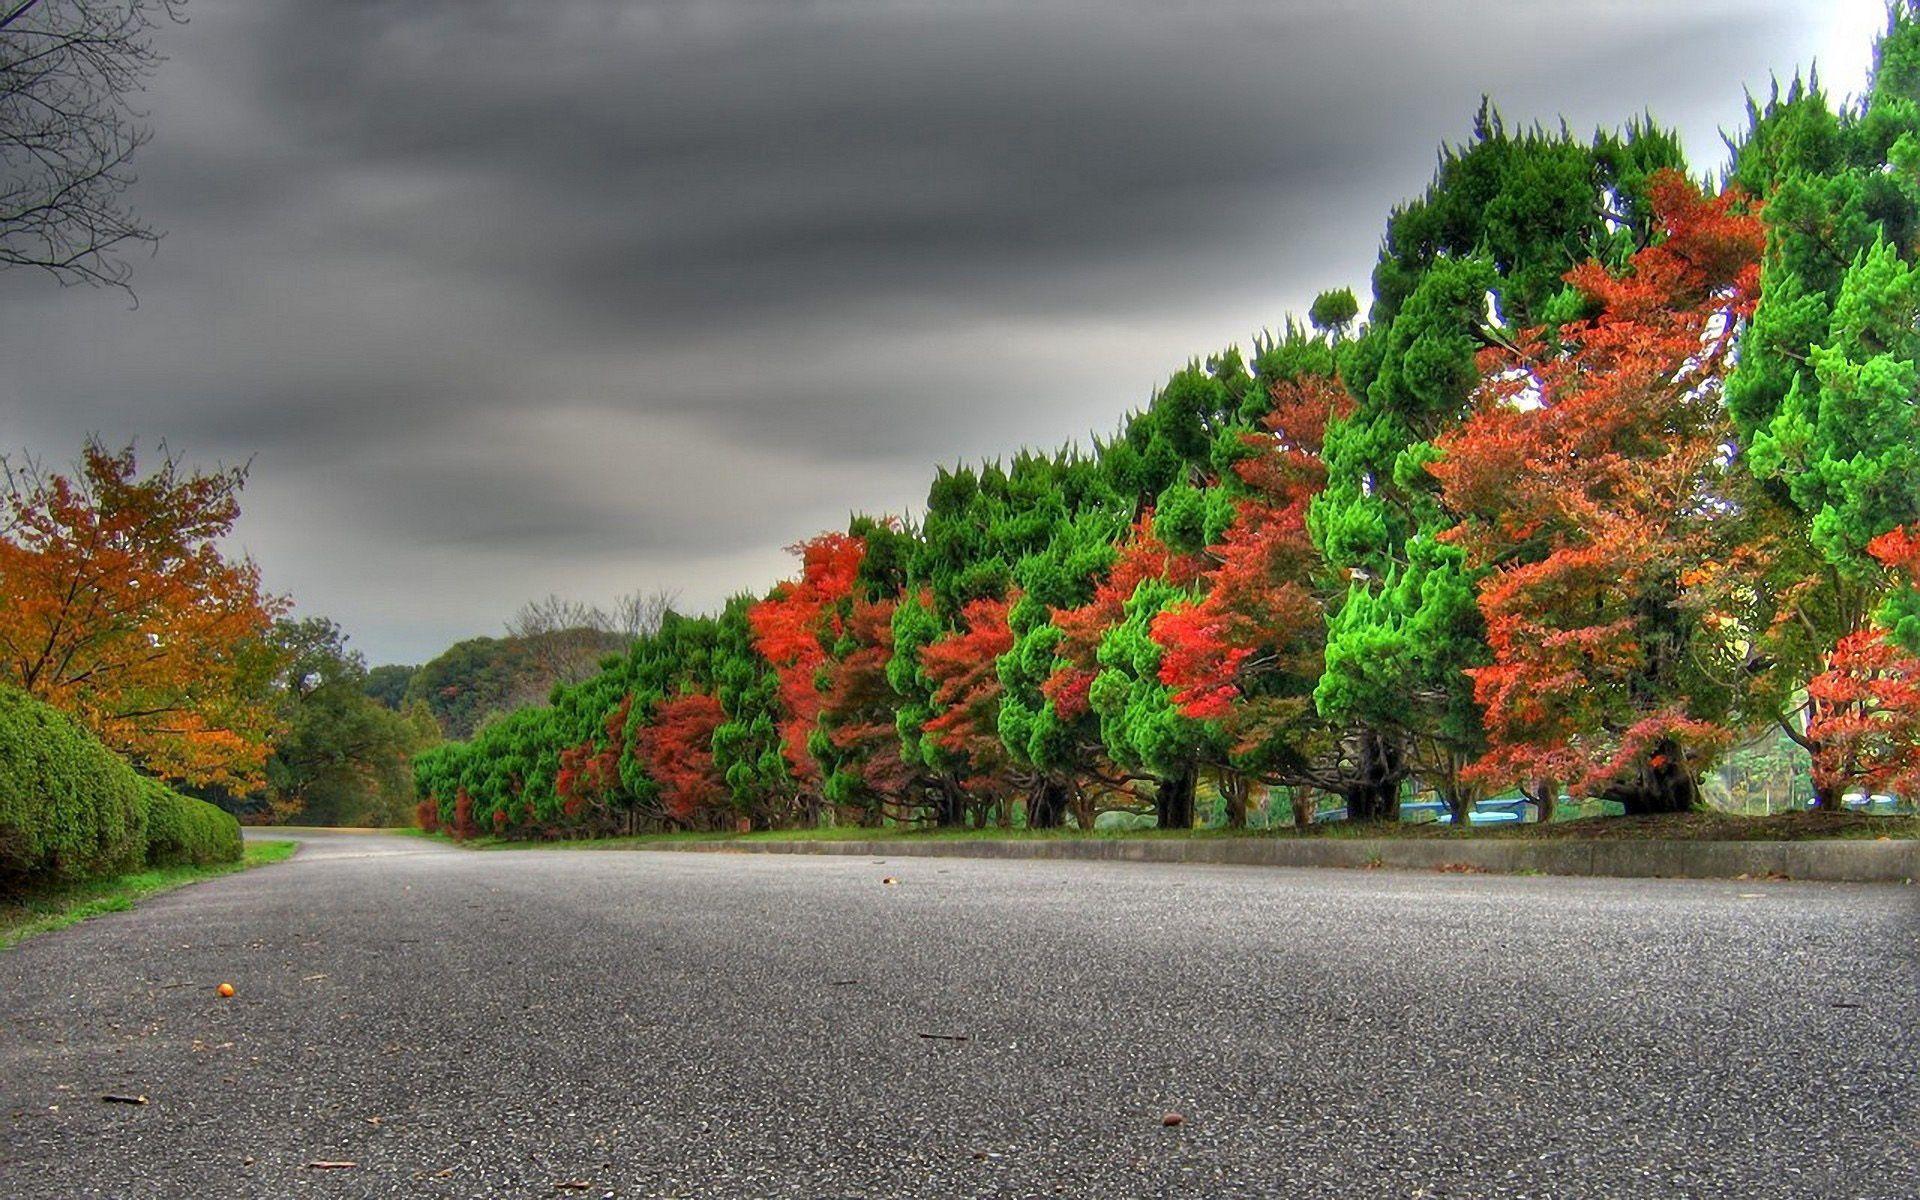 113569 скачать обои Красный, Природа, Деревья, Осень, Дорога, Зеленый, Чередование - заставки и картинки бесплатно